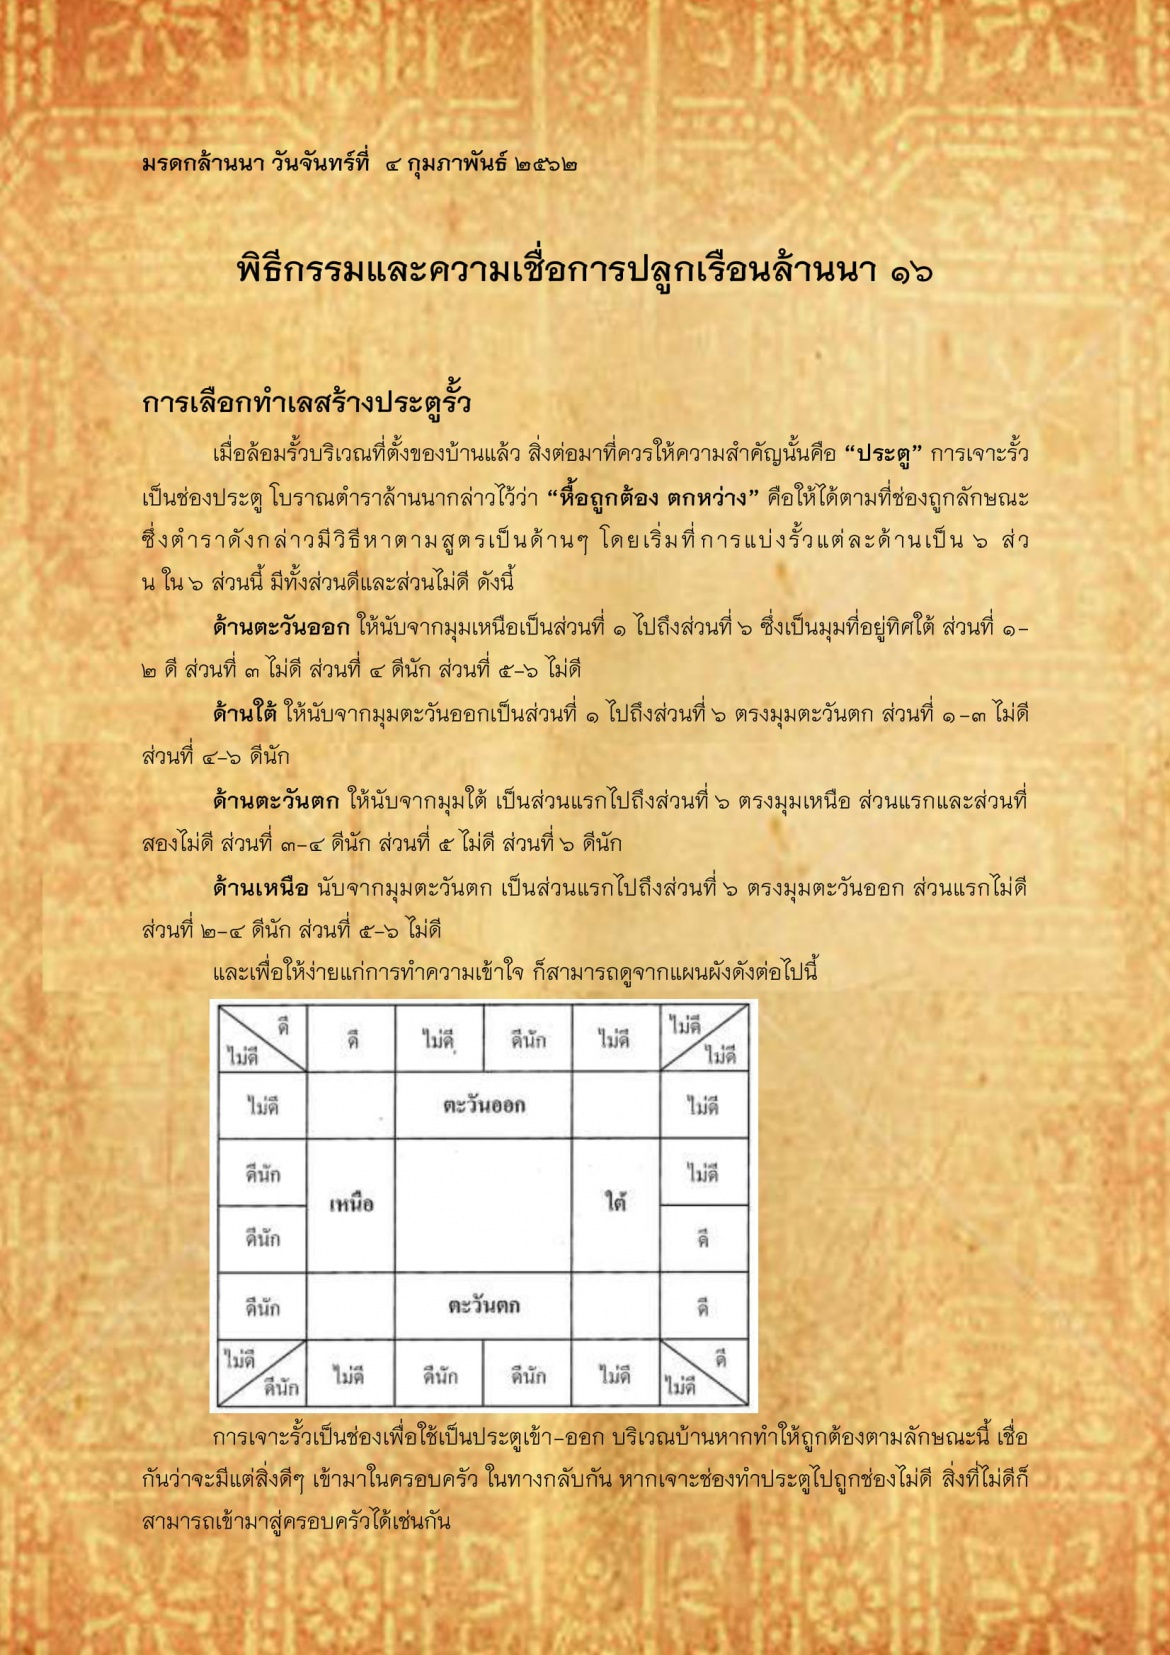 พิธีกรรมเเละความเชื่อการปลูกเรือนล้านนา(16) - 4 กุมภาพันธ์ 2562